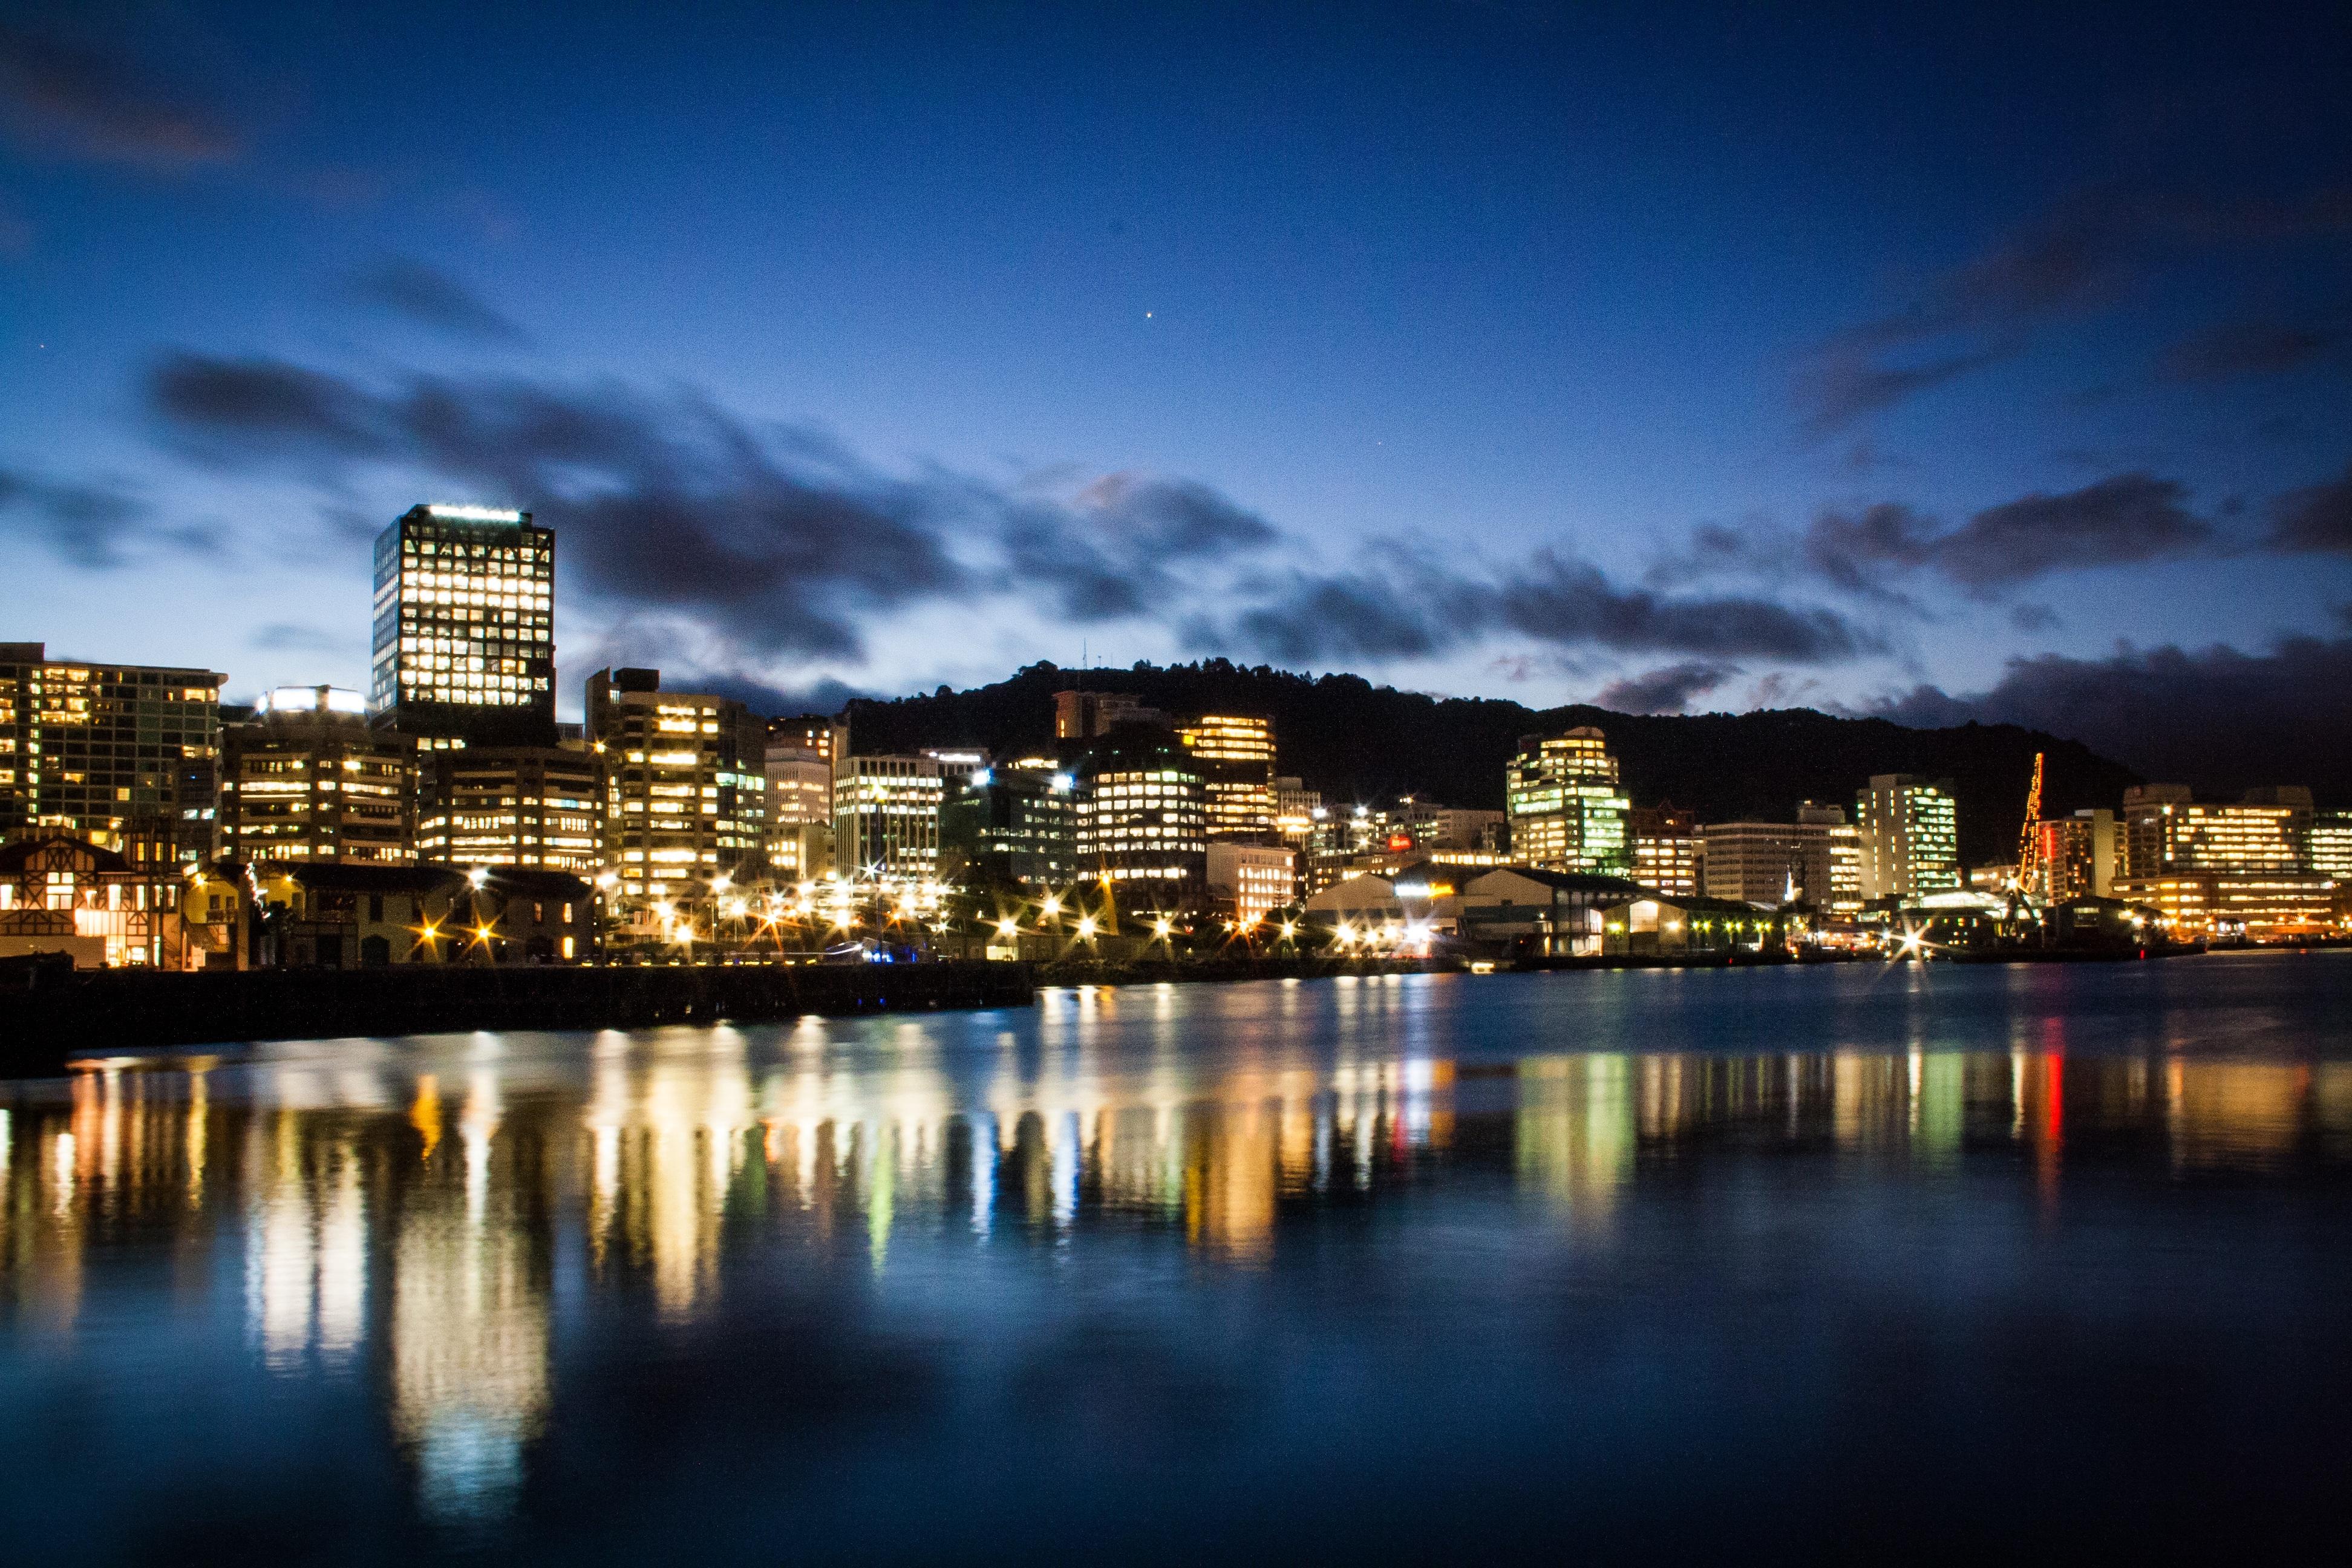 Der nächtliche Hafen von Wellington, Neuseeland